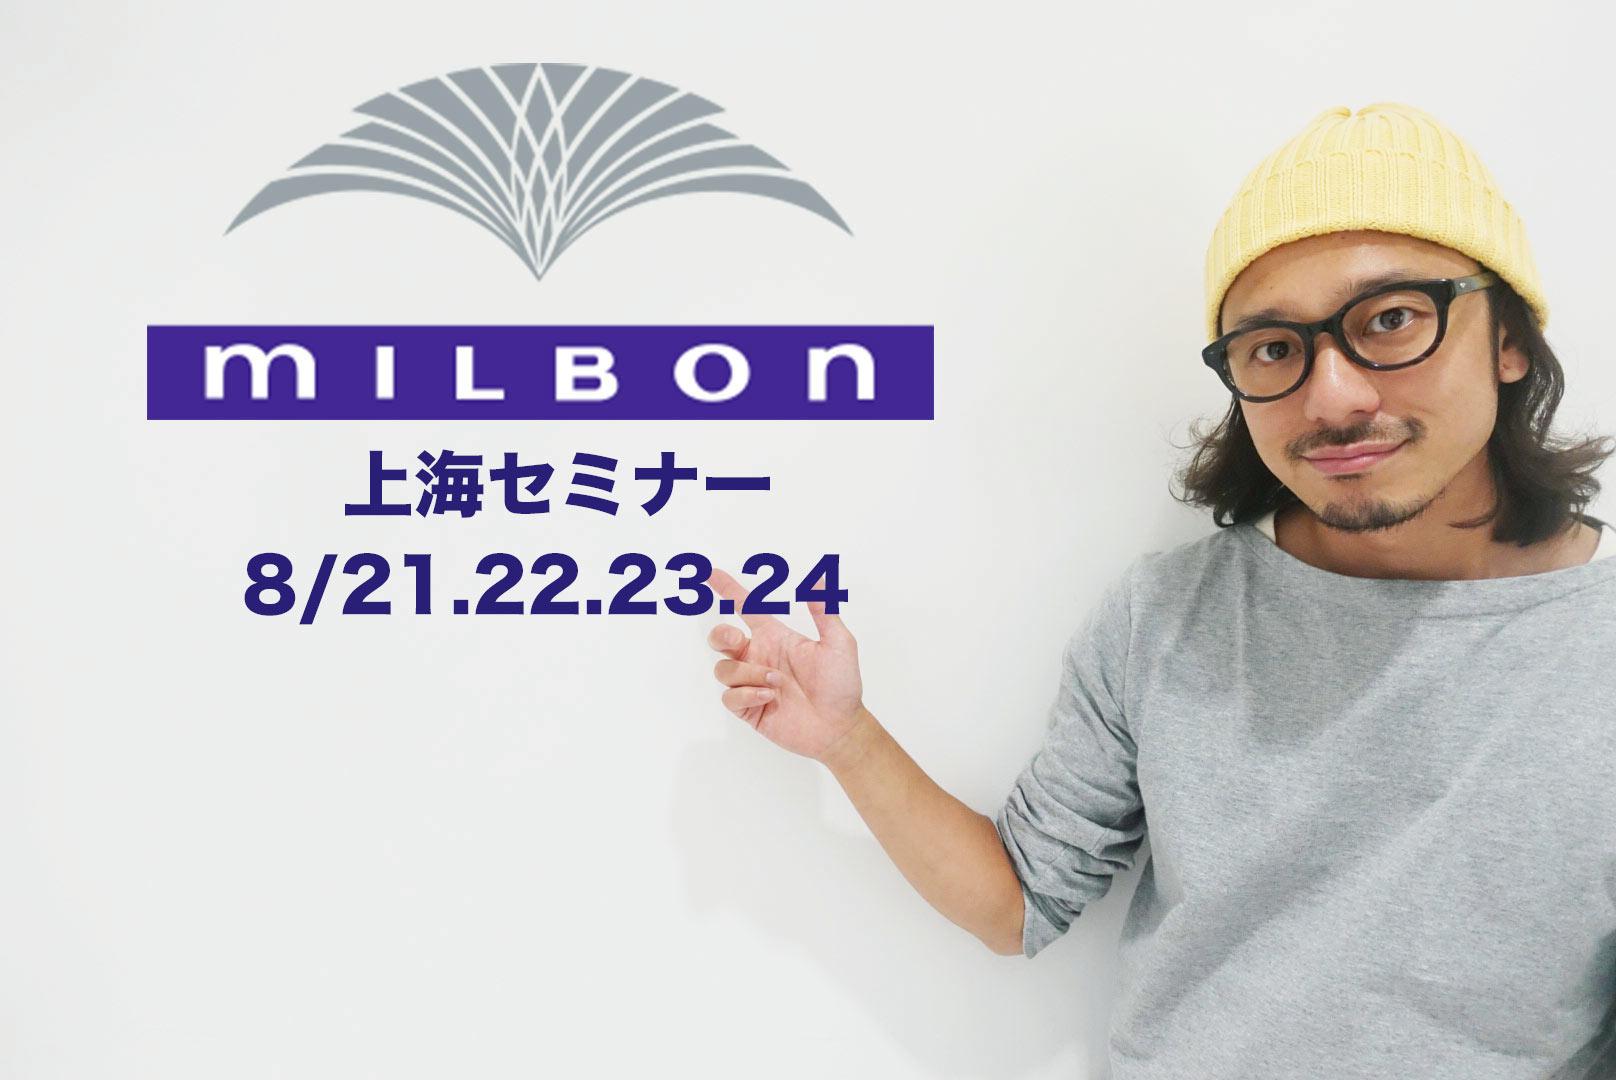 [お知らせ]ミルボン上海セミナーに行ってきます8/21.22.23.24の4日間!上海の皆様、楽しみにしてます!